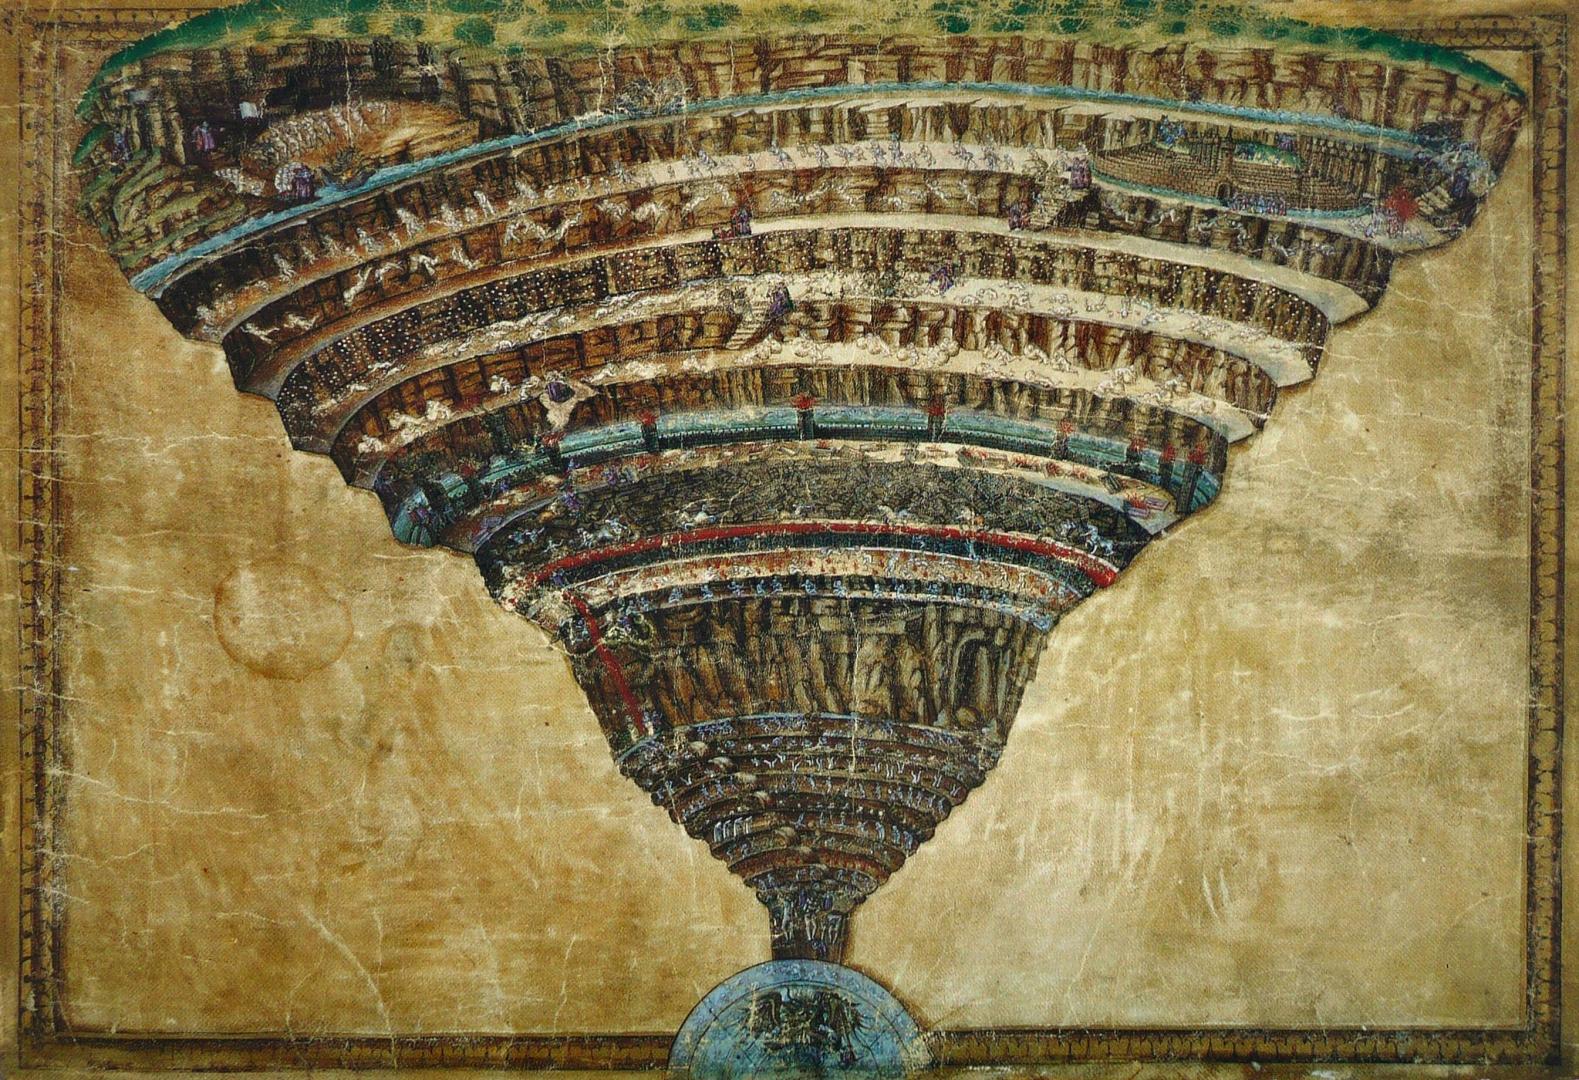 Сандро Боттичелли. Карта кругов ада. Между 1480 и 1490